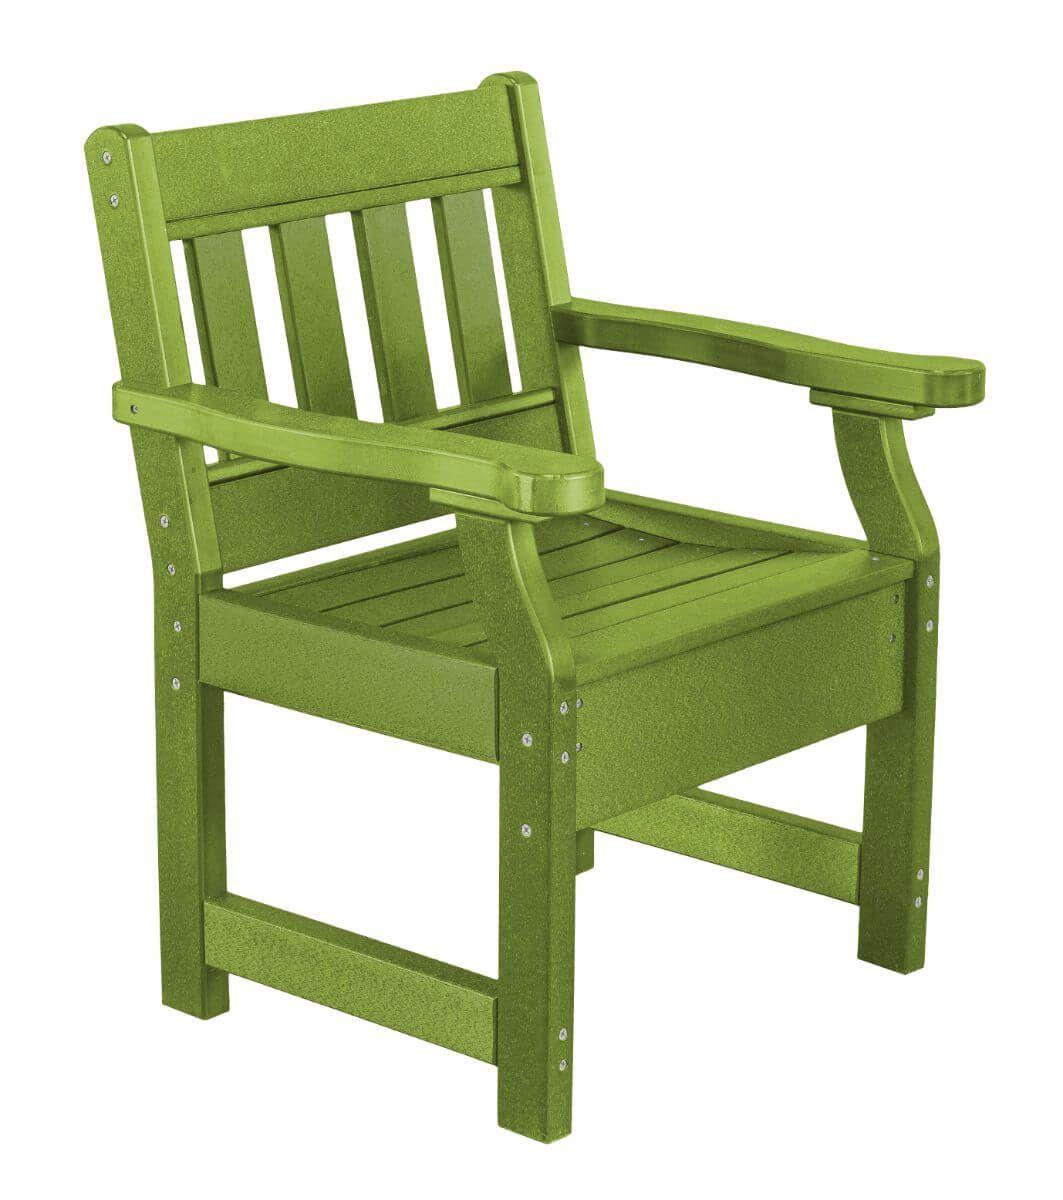 Lime Green Aden Patio Chair